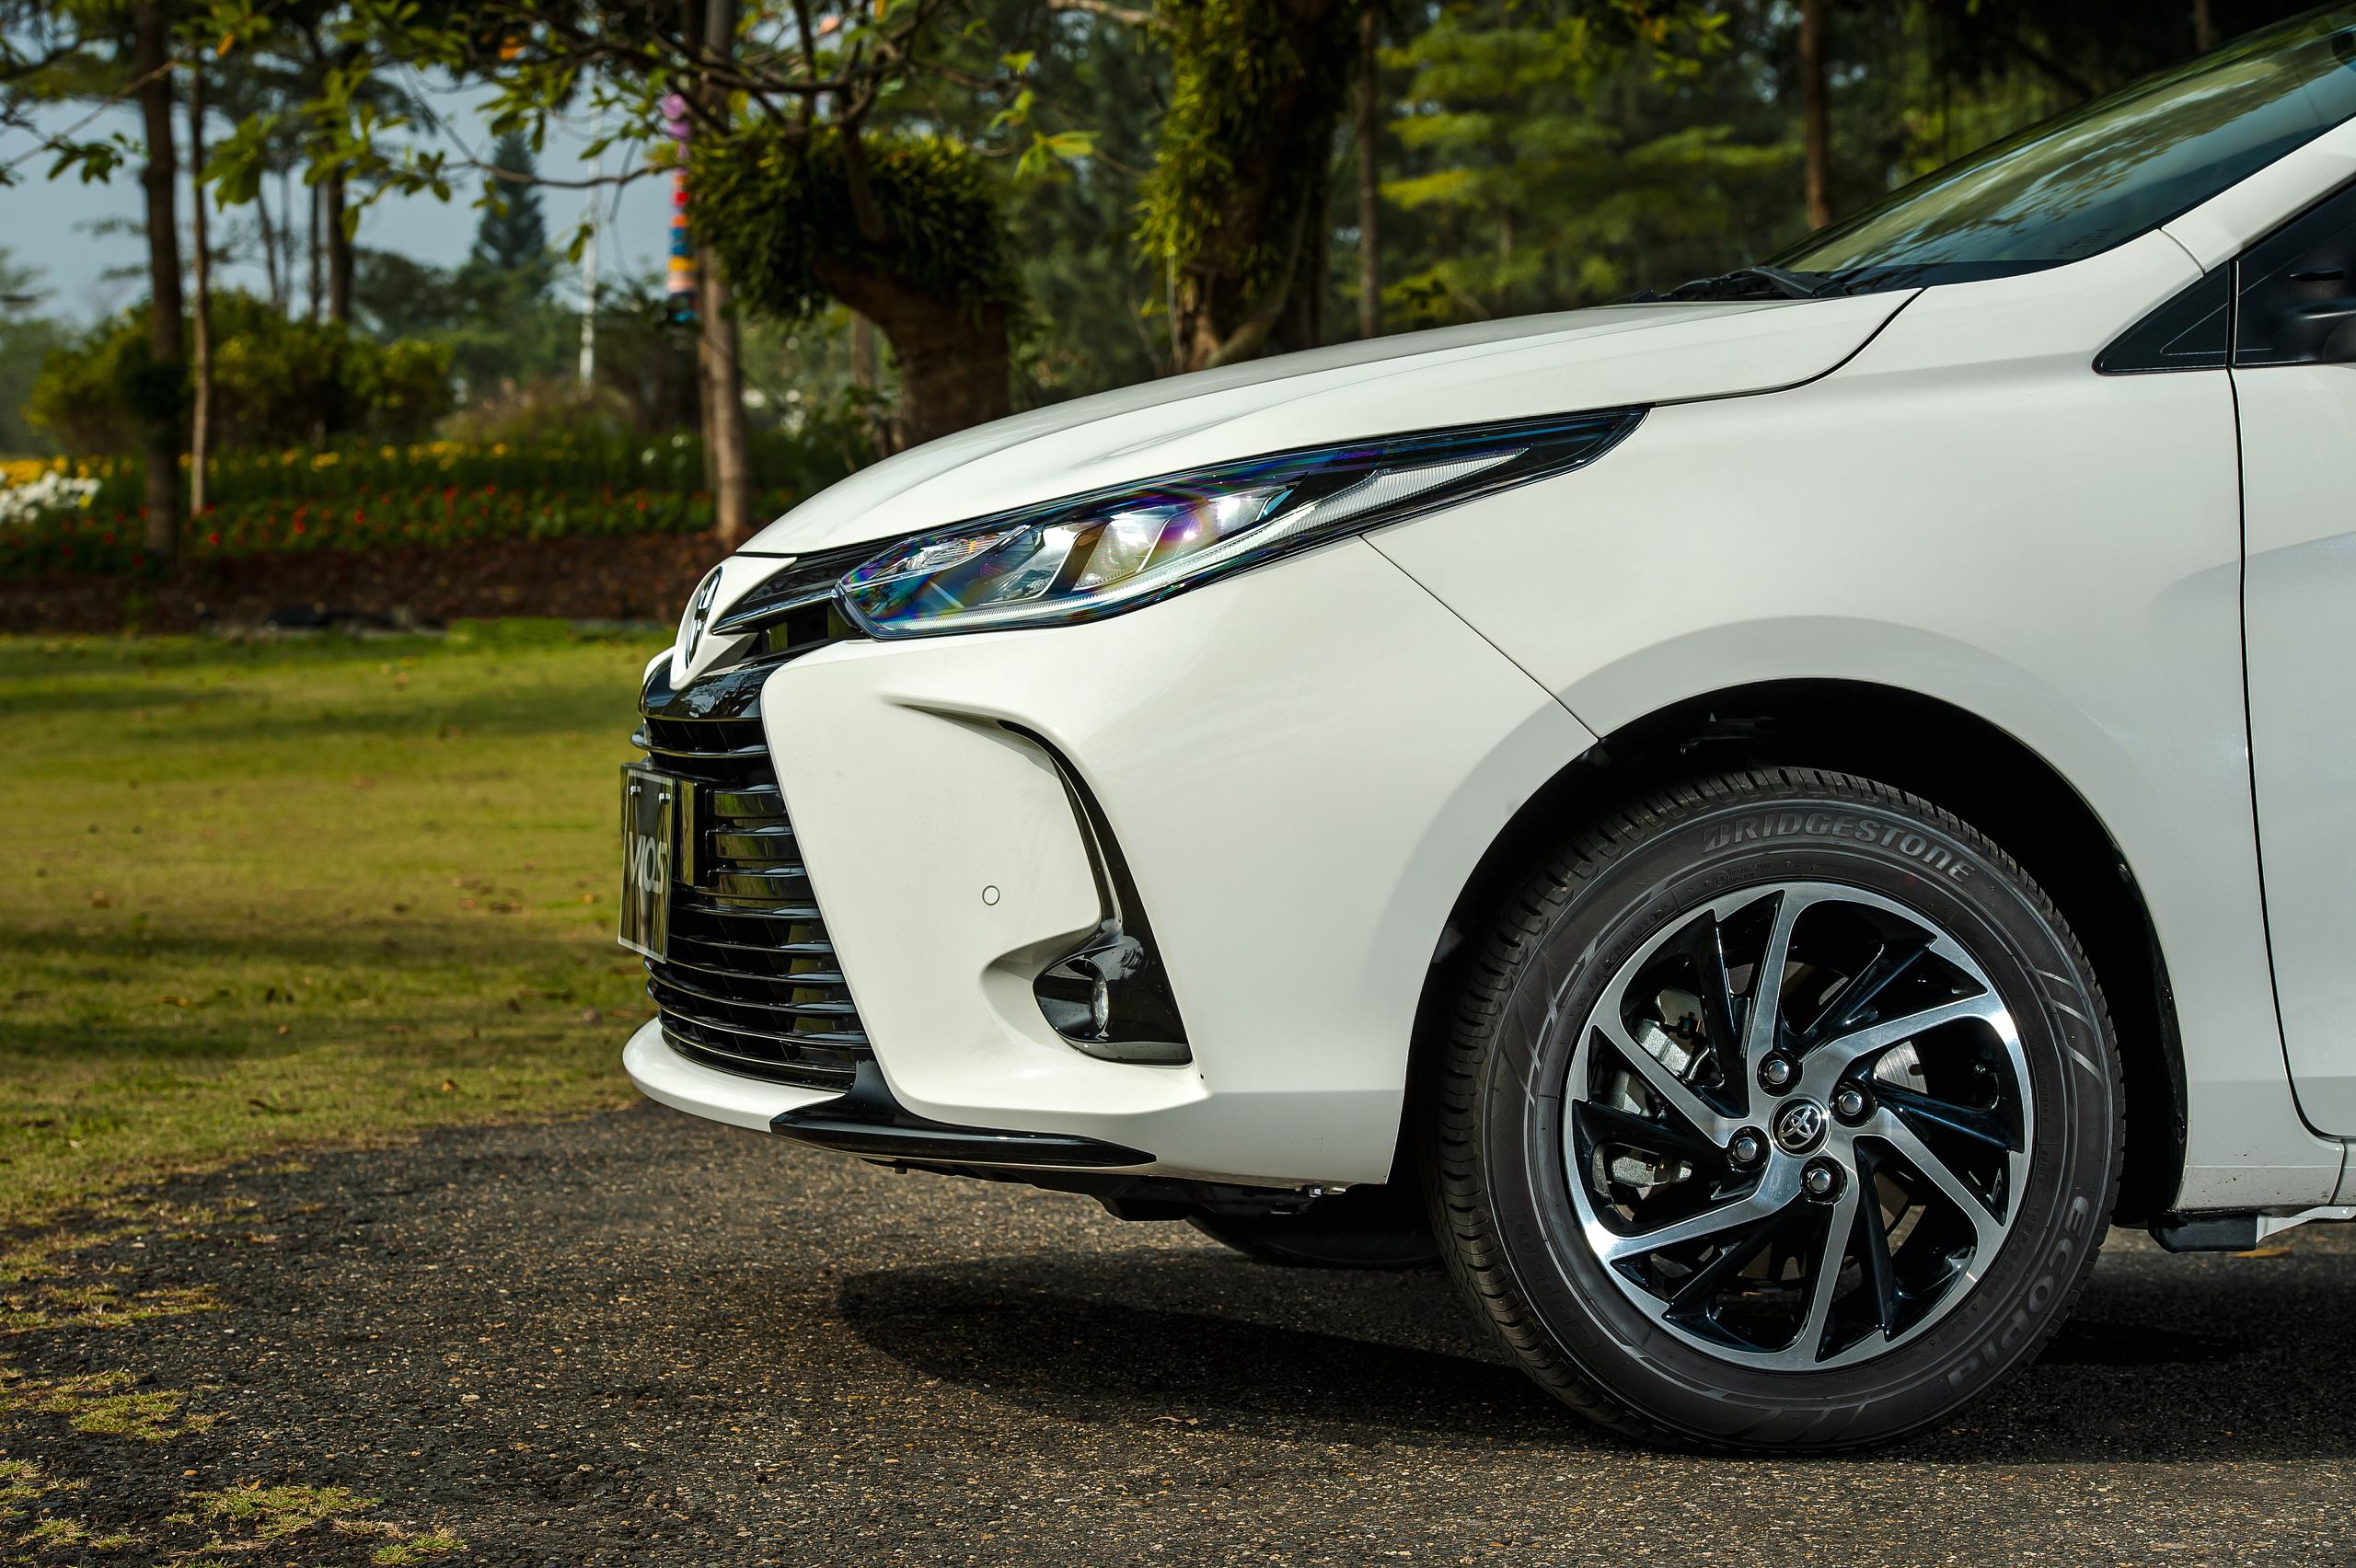 Chiếc Toyota Vios 2021 đầu tiên xuất hiện tại Việt Nam, giá chỉ từ 478 triệu đồng - Ảnh 5.